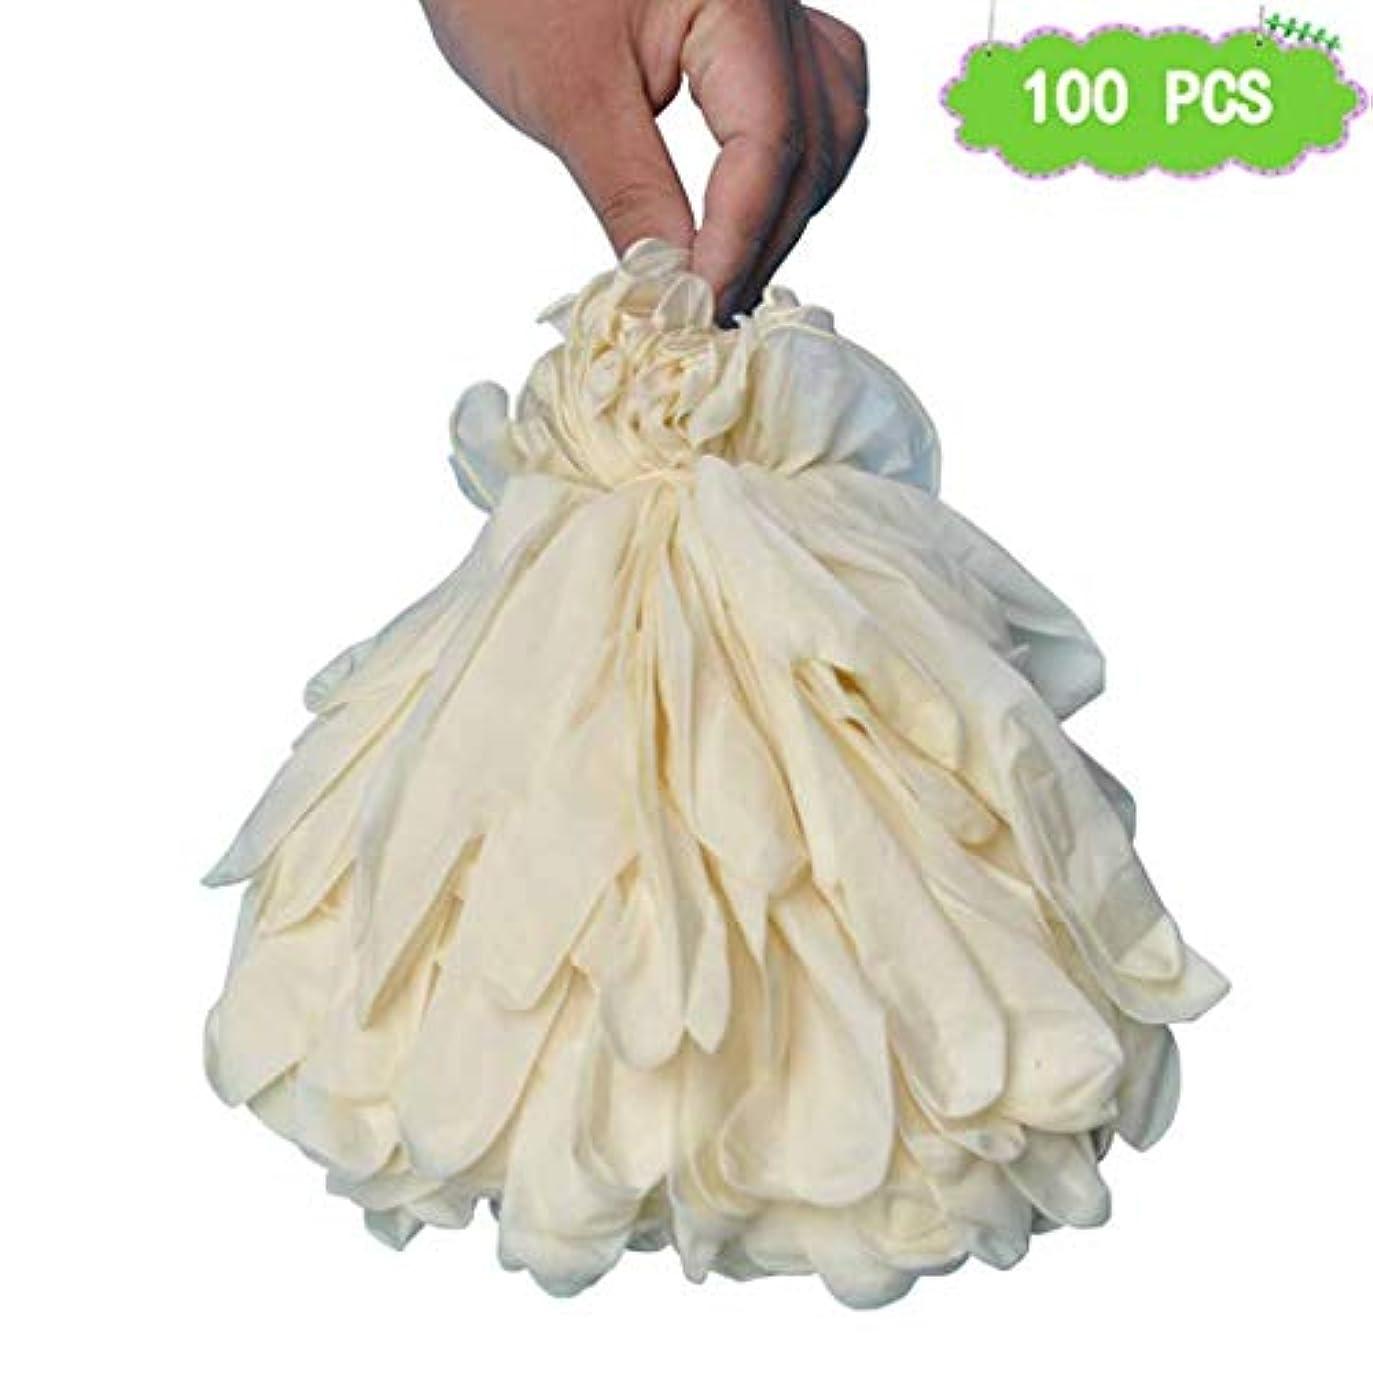 白いラテックス手袋使い捨てゴム手袋食品使い捨て手袋ペットケアネイルアート検査保護実験、美容院ラテックスフリー、、 100個 (Size : M)